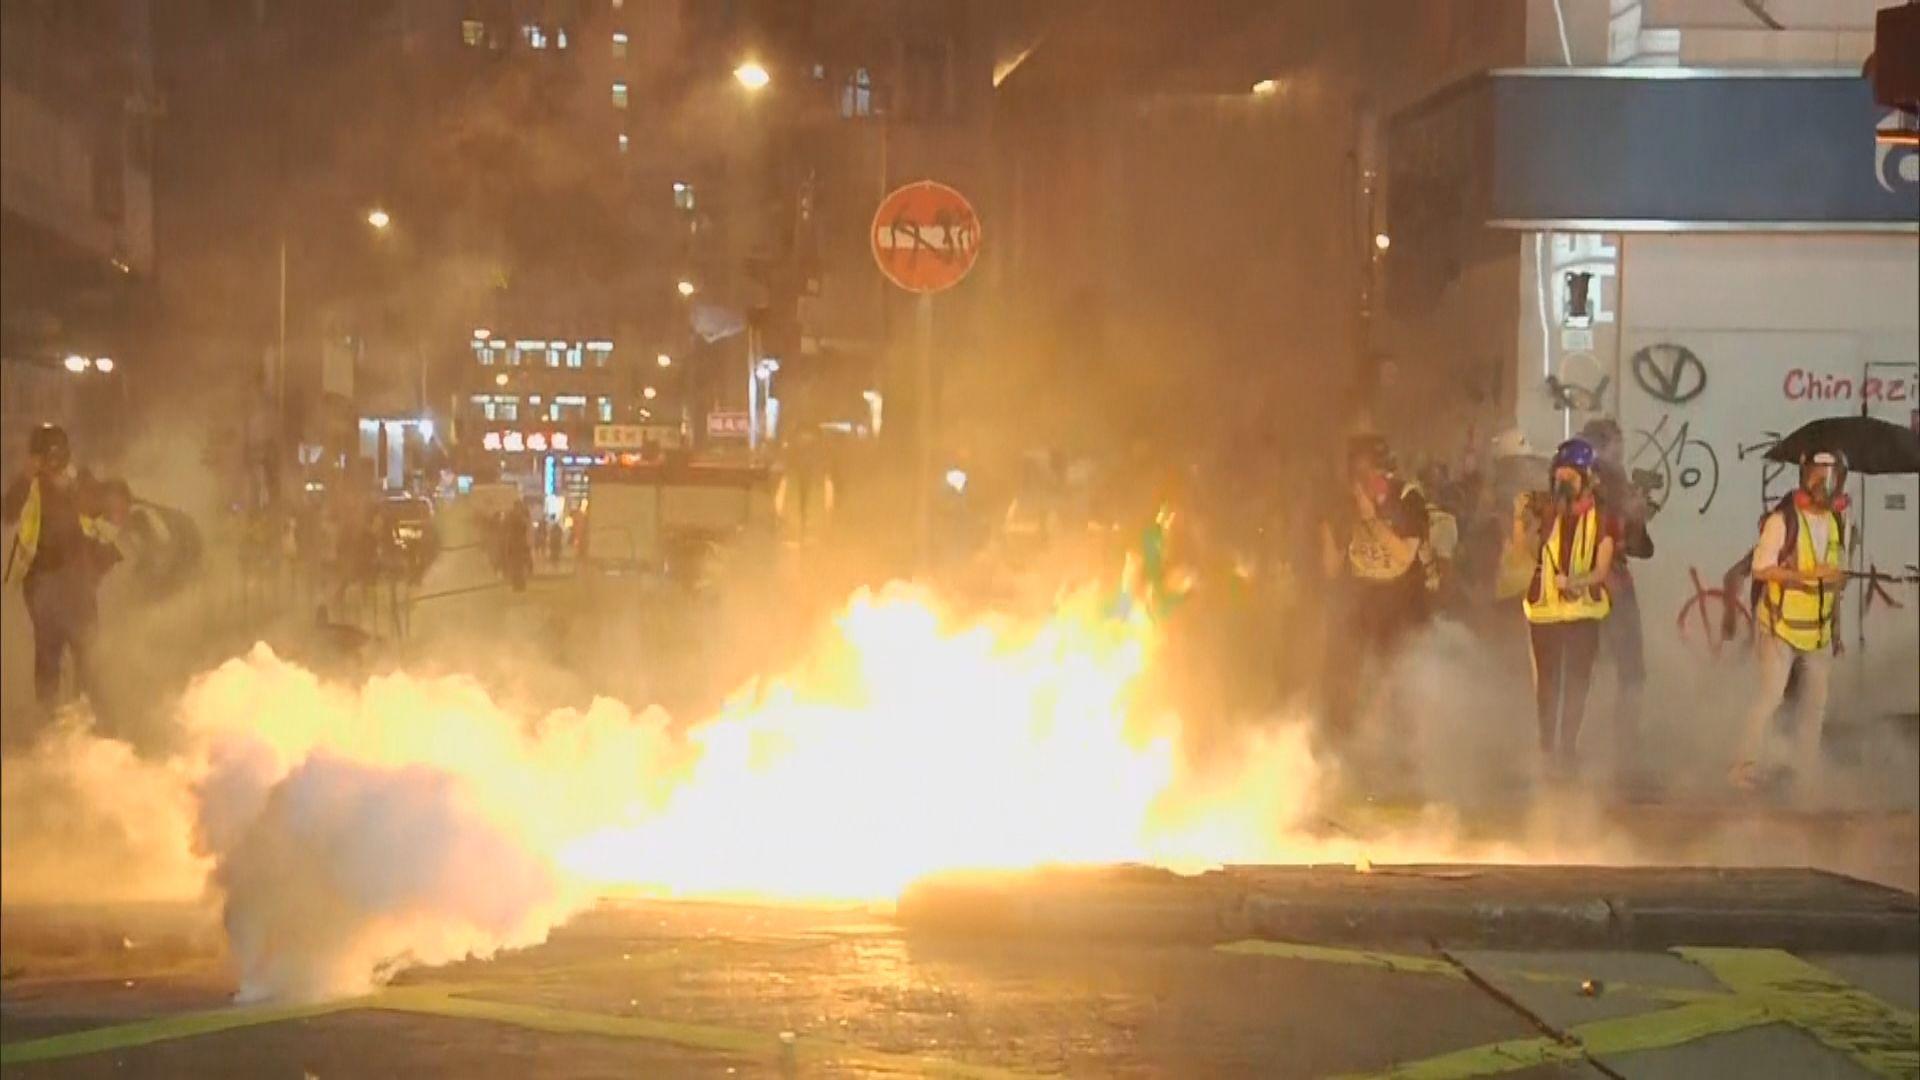 警方晚上在旺角驅散人群 拘捕多人